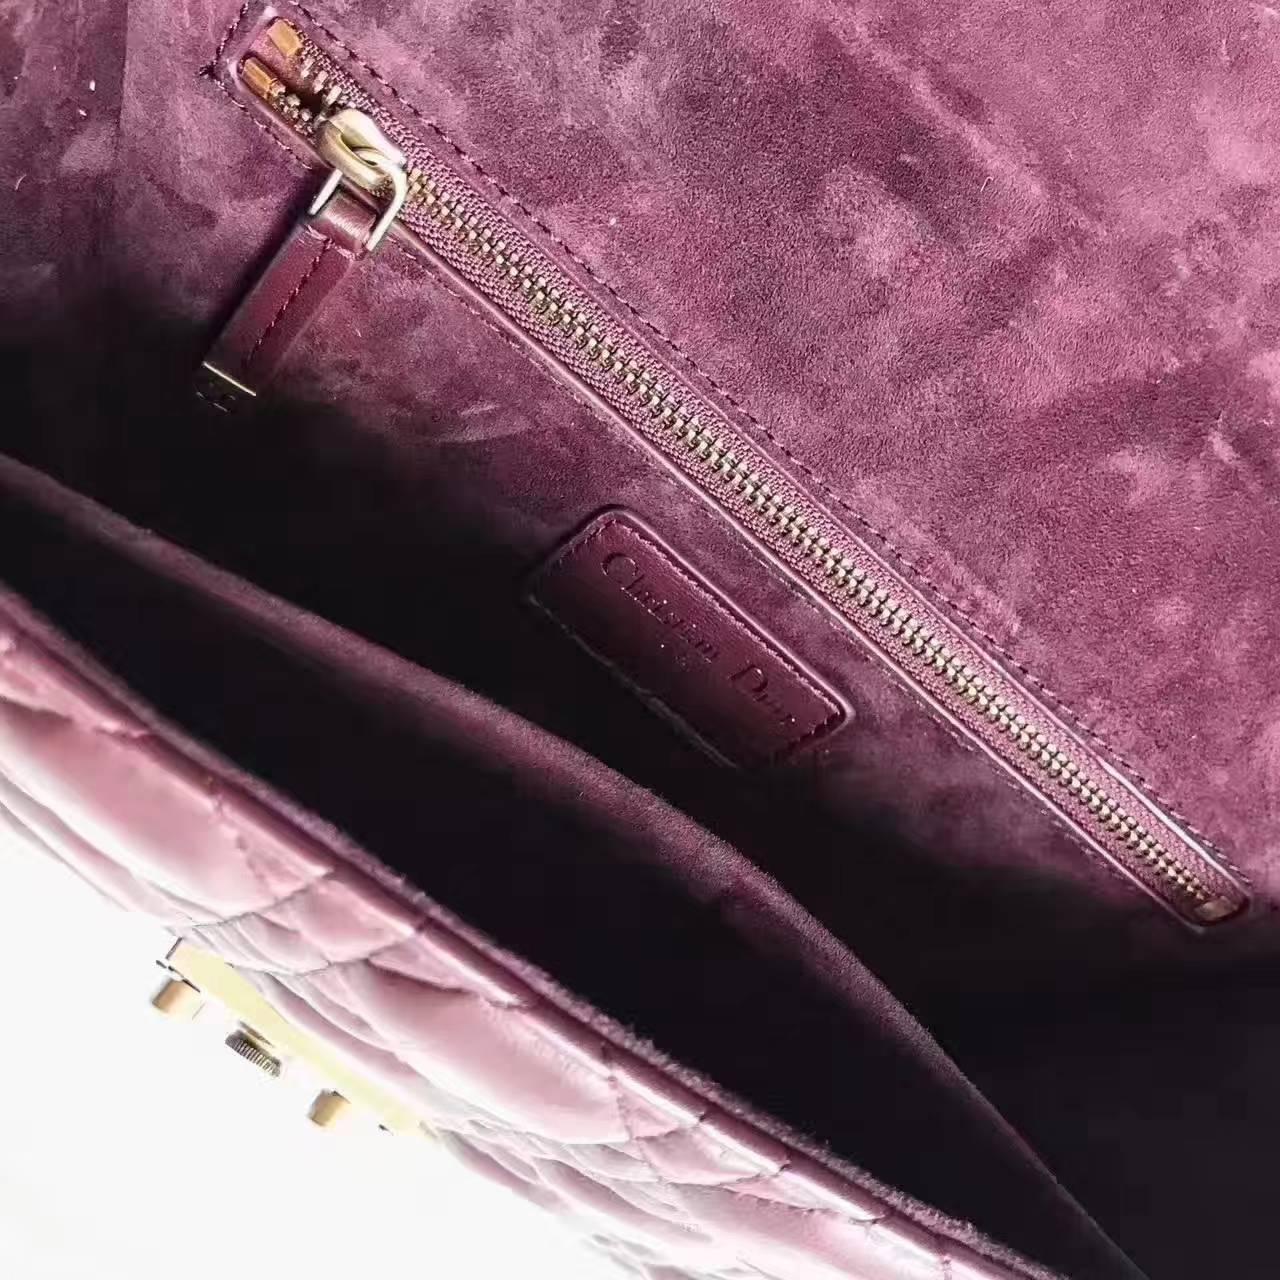 迪奥新款包包 DiorAddict酒红色菱格小羊皮复古链条包单肩女包24CM